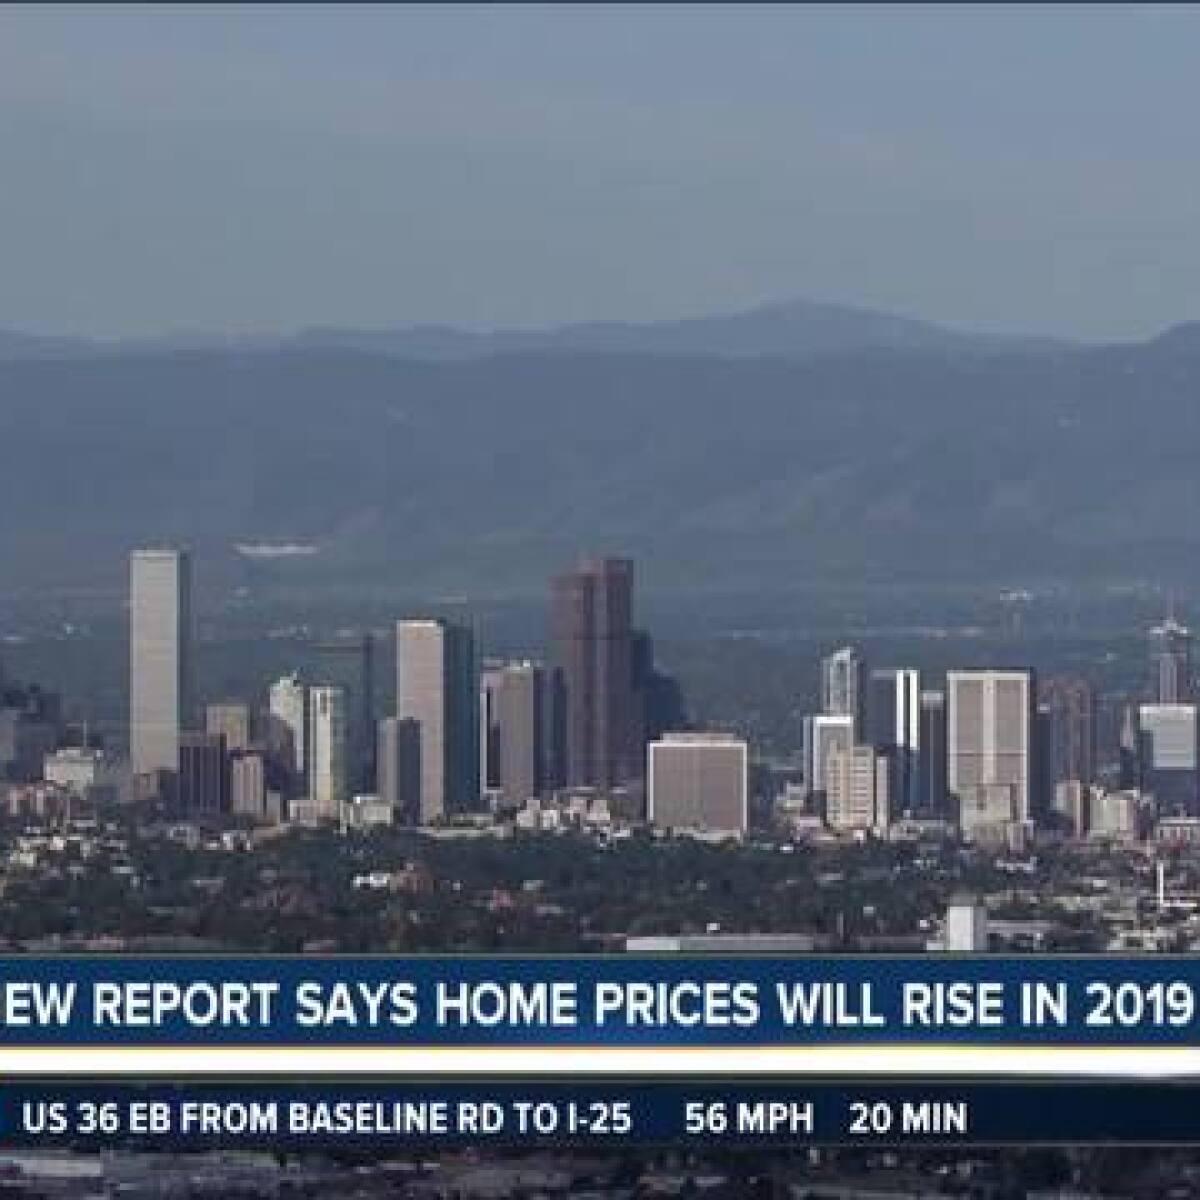 Realtor.com Housing Forecast Predicts Denver Home Values